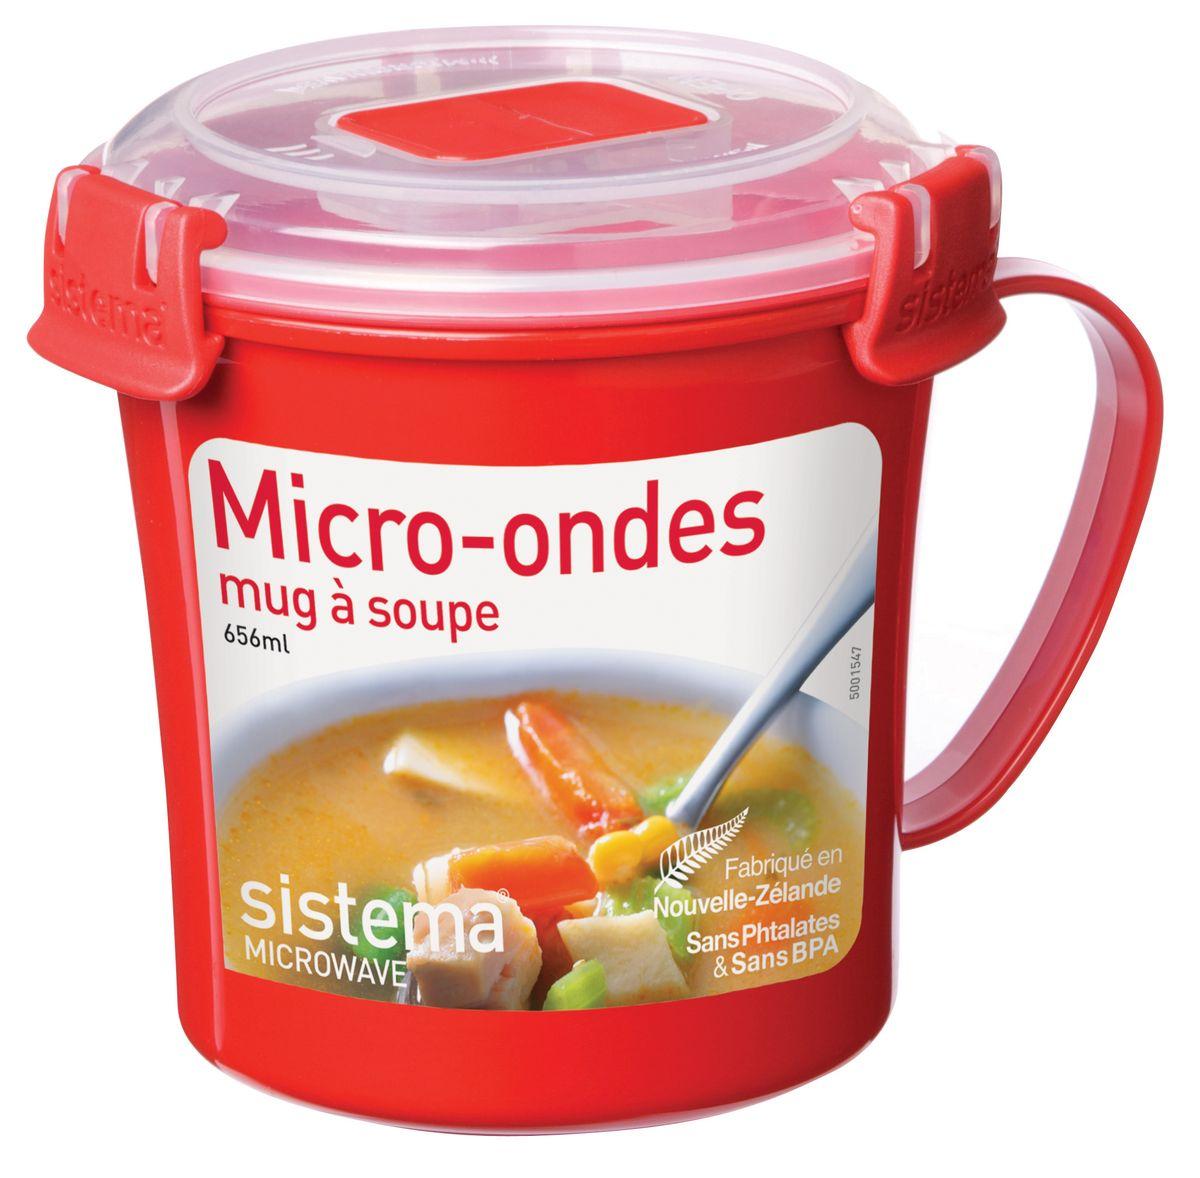 Кружка суповая Sistema Microwave, 656 мл1107Кружка суповая Sistema Microwave создана для людей ведущих активный образ жизни. Кружка, с надежной защитой от протечек, позволит взять с собой горячий суп на пикник, в офис или в поездку. На крышке имеется силиконовая прокладка, который способствует герметичному закрыванию. Контейнер надежно закрывается клипсами, которые при необходимости можно заменить. Можно мыть в посудомоечной машине.